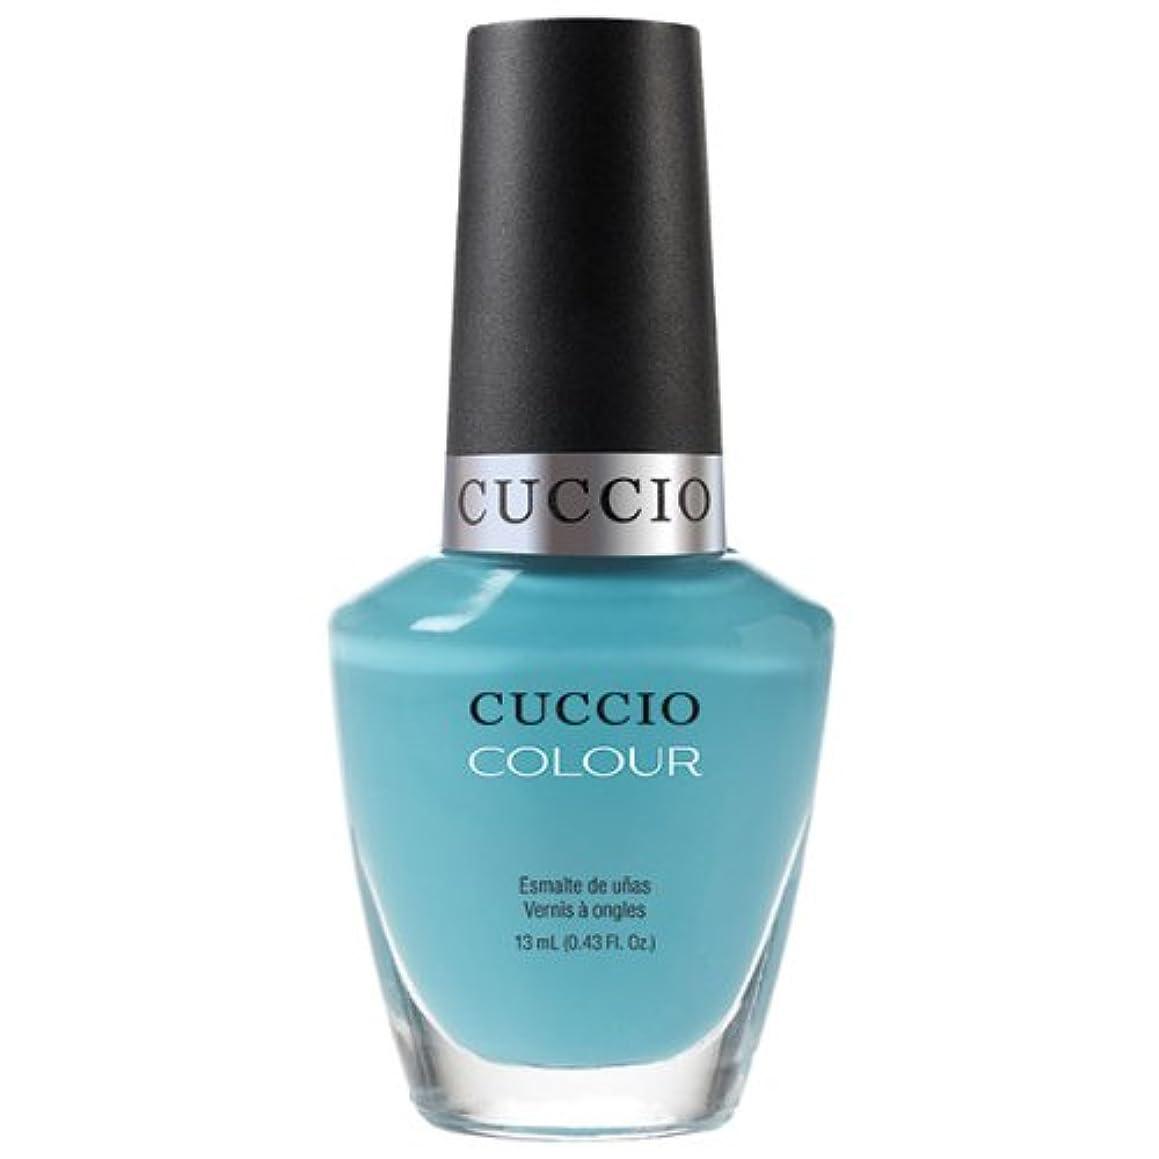 Cuccio Colour Gloss Lacquer - Make a Wish in Rome - 0.43oz / 13ml